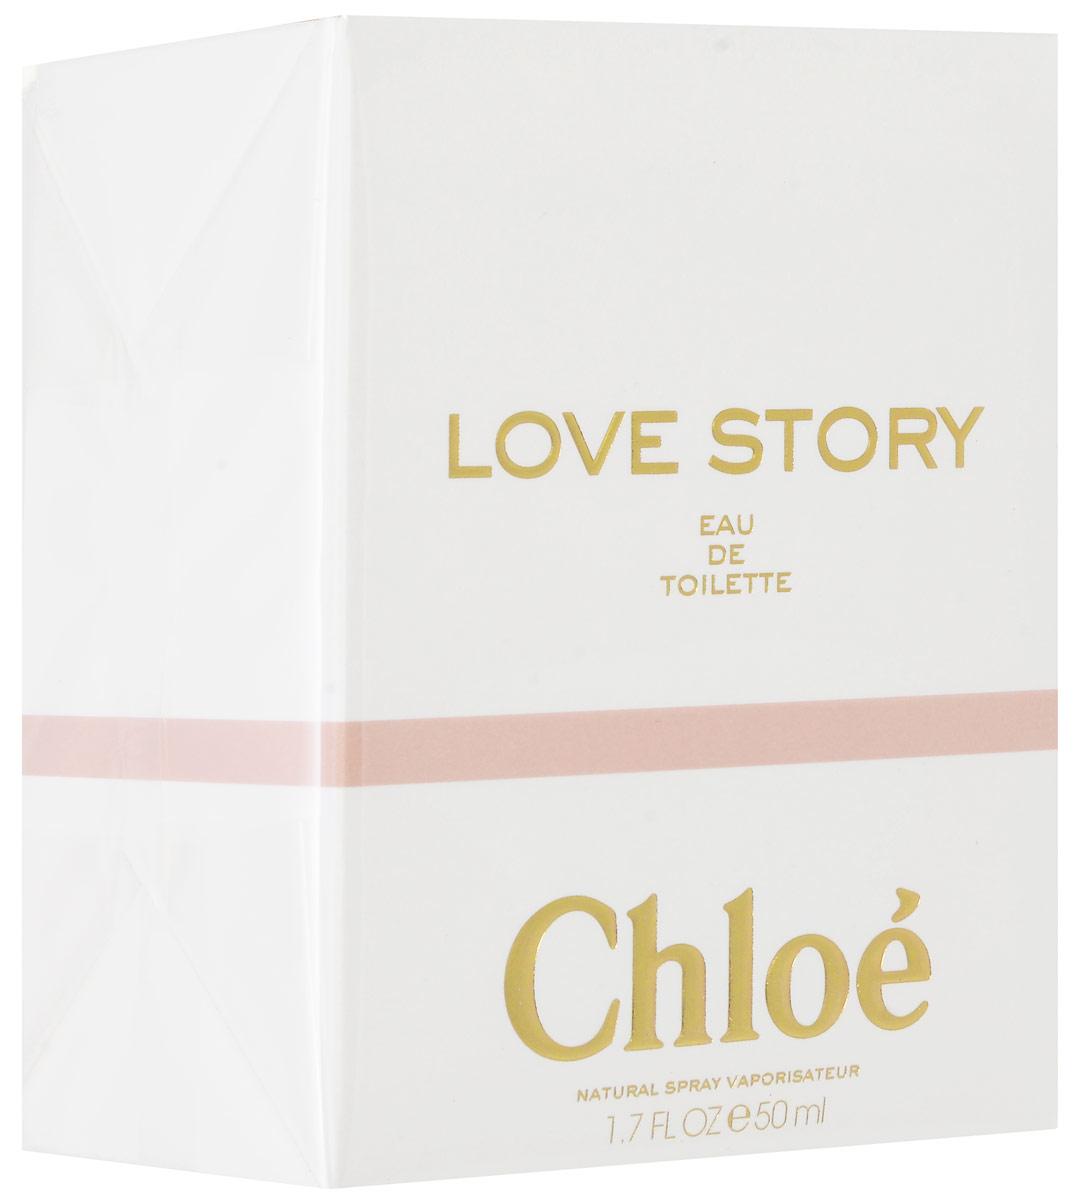 Chloe Love Story  Туалетная вода женская 50 мл64990441000Восхитительная новинка 2014 года. Модный Дом Chloe представляет волнующий и романтический аромат Love Story. В его аккордах просматриваются черты шарма Парижа. Представьте, не спешная прогулка старинным городом, вы и он. И вдруг воздух заполняют прекрасны